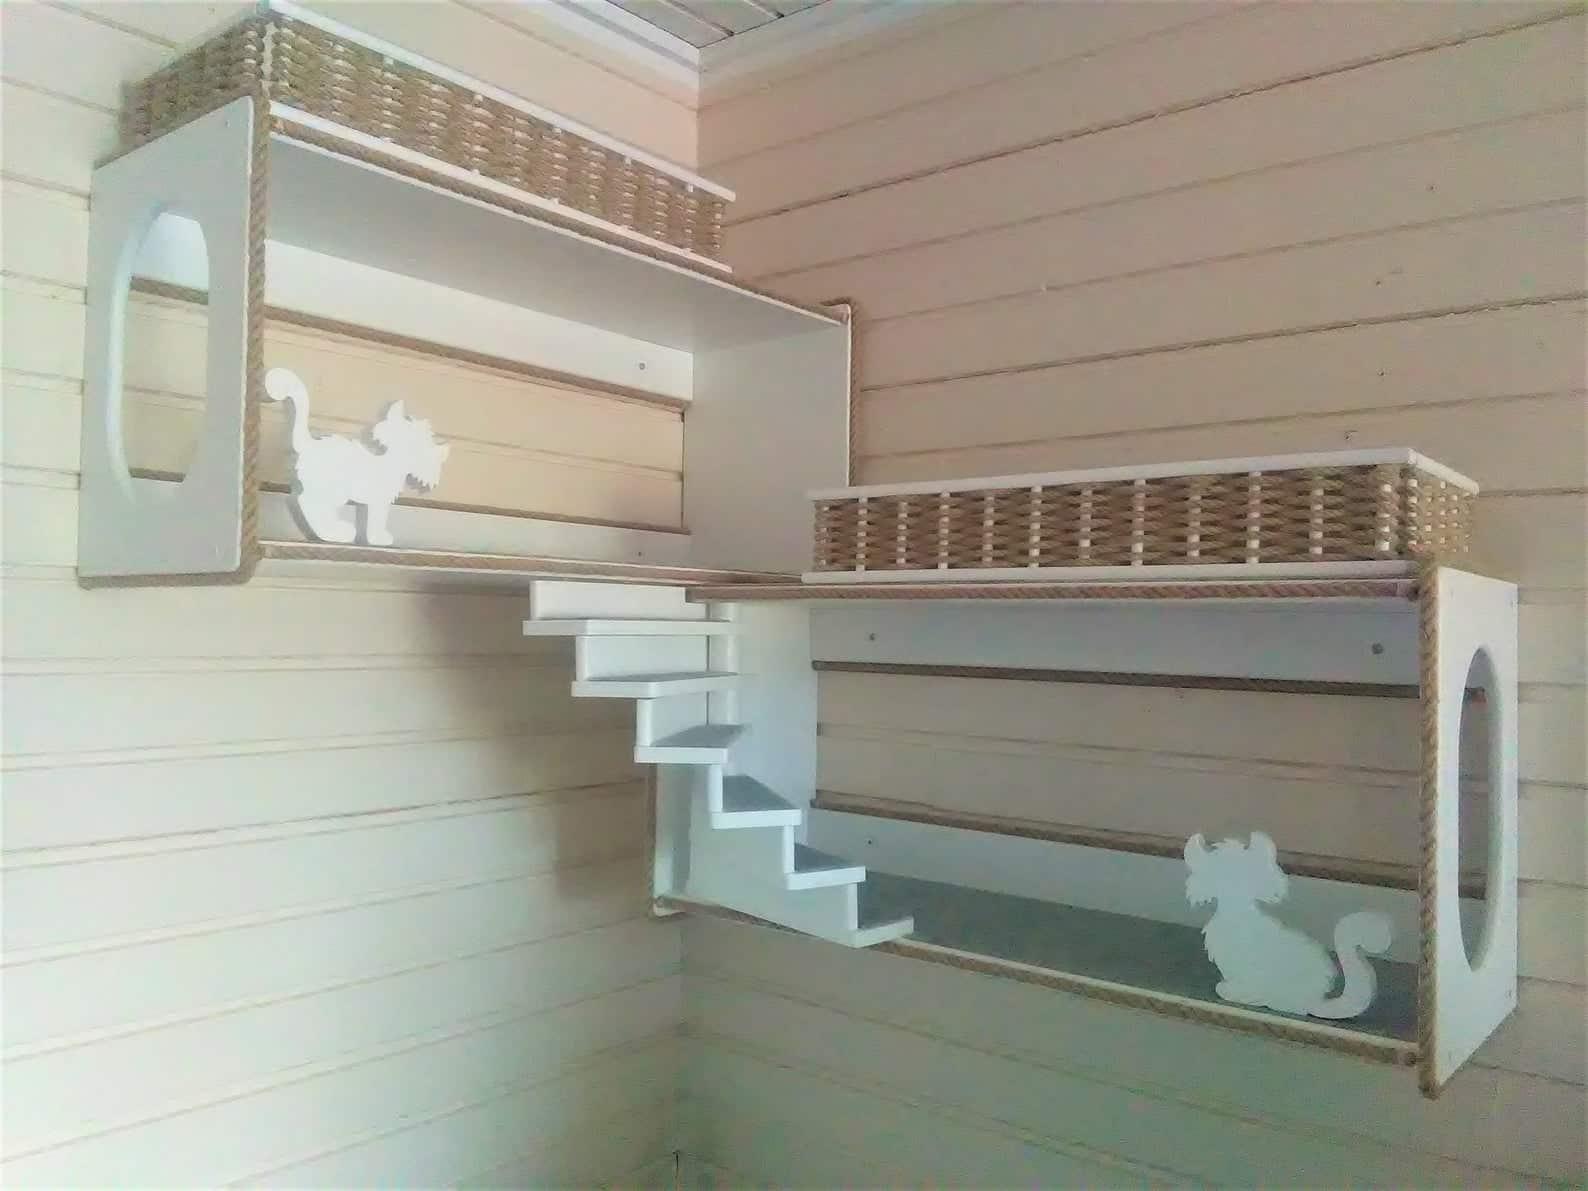 arbre a chat mural design compartiment escalier